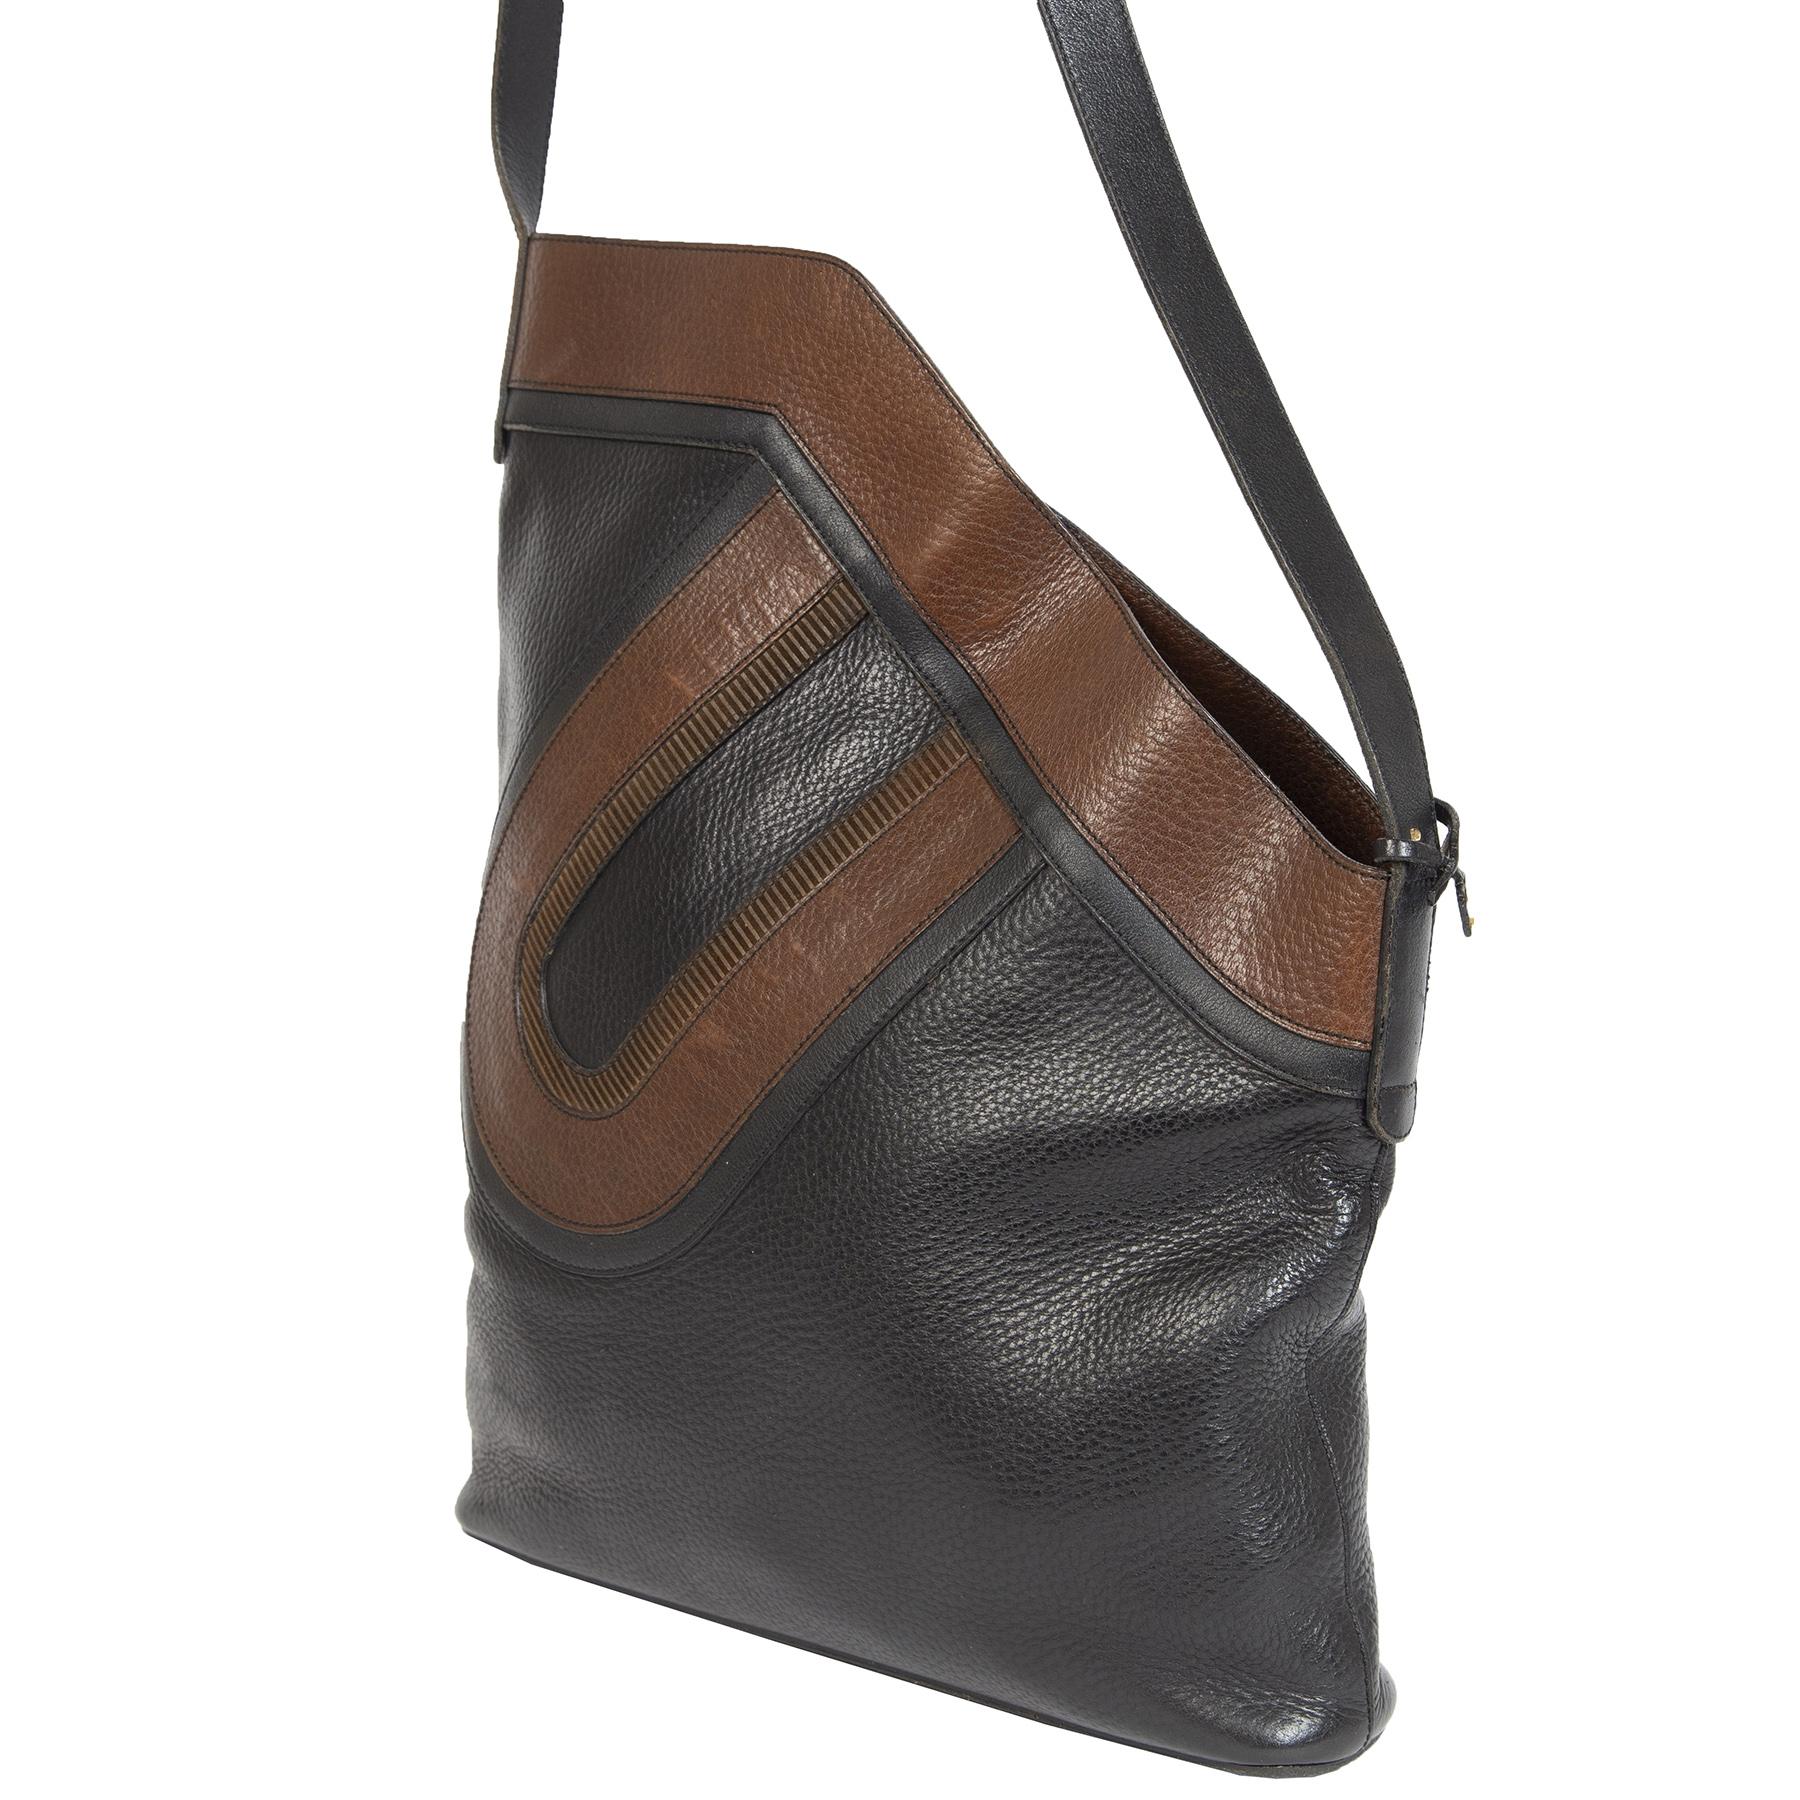 Authentieke Tweedehands Delvaux Brown Leather Crossbody Tote Bag juiste prijs veilig online shoppen luxe merken webshop winkelen Antwerpen België mode fashion